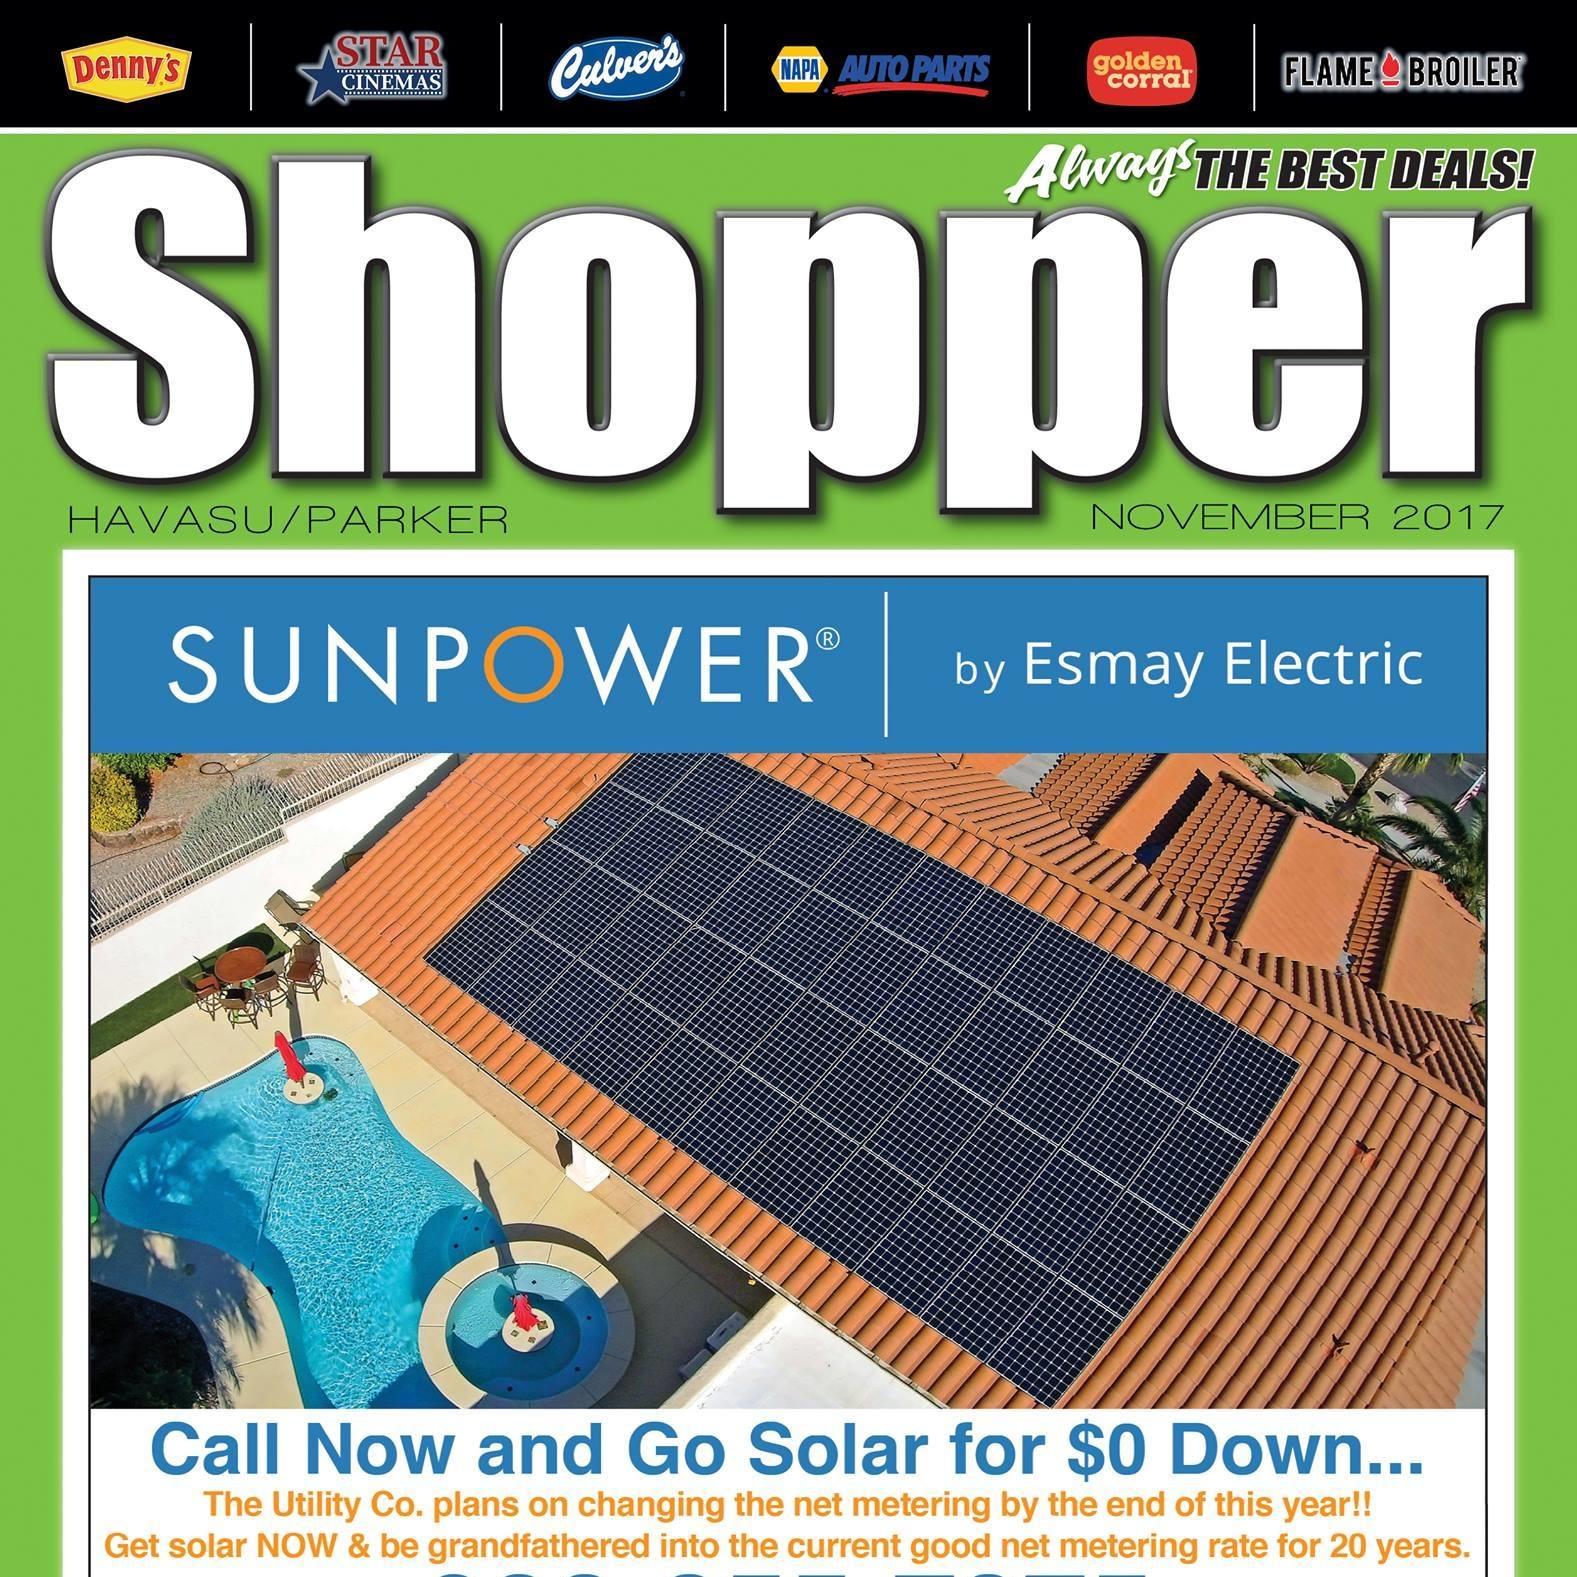 USA Smart Shopper